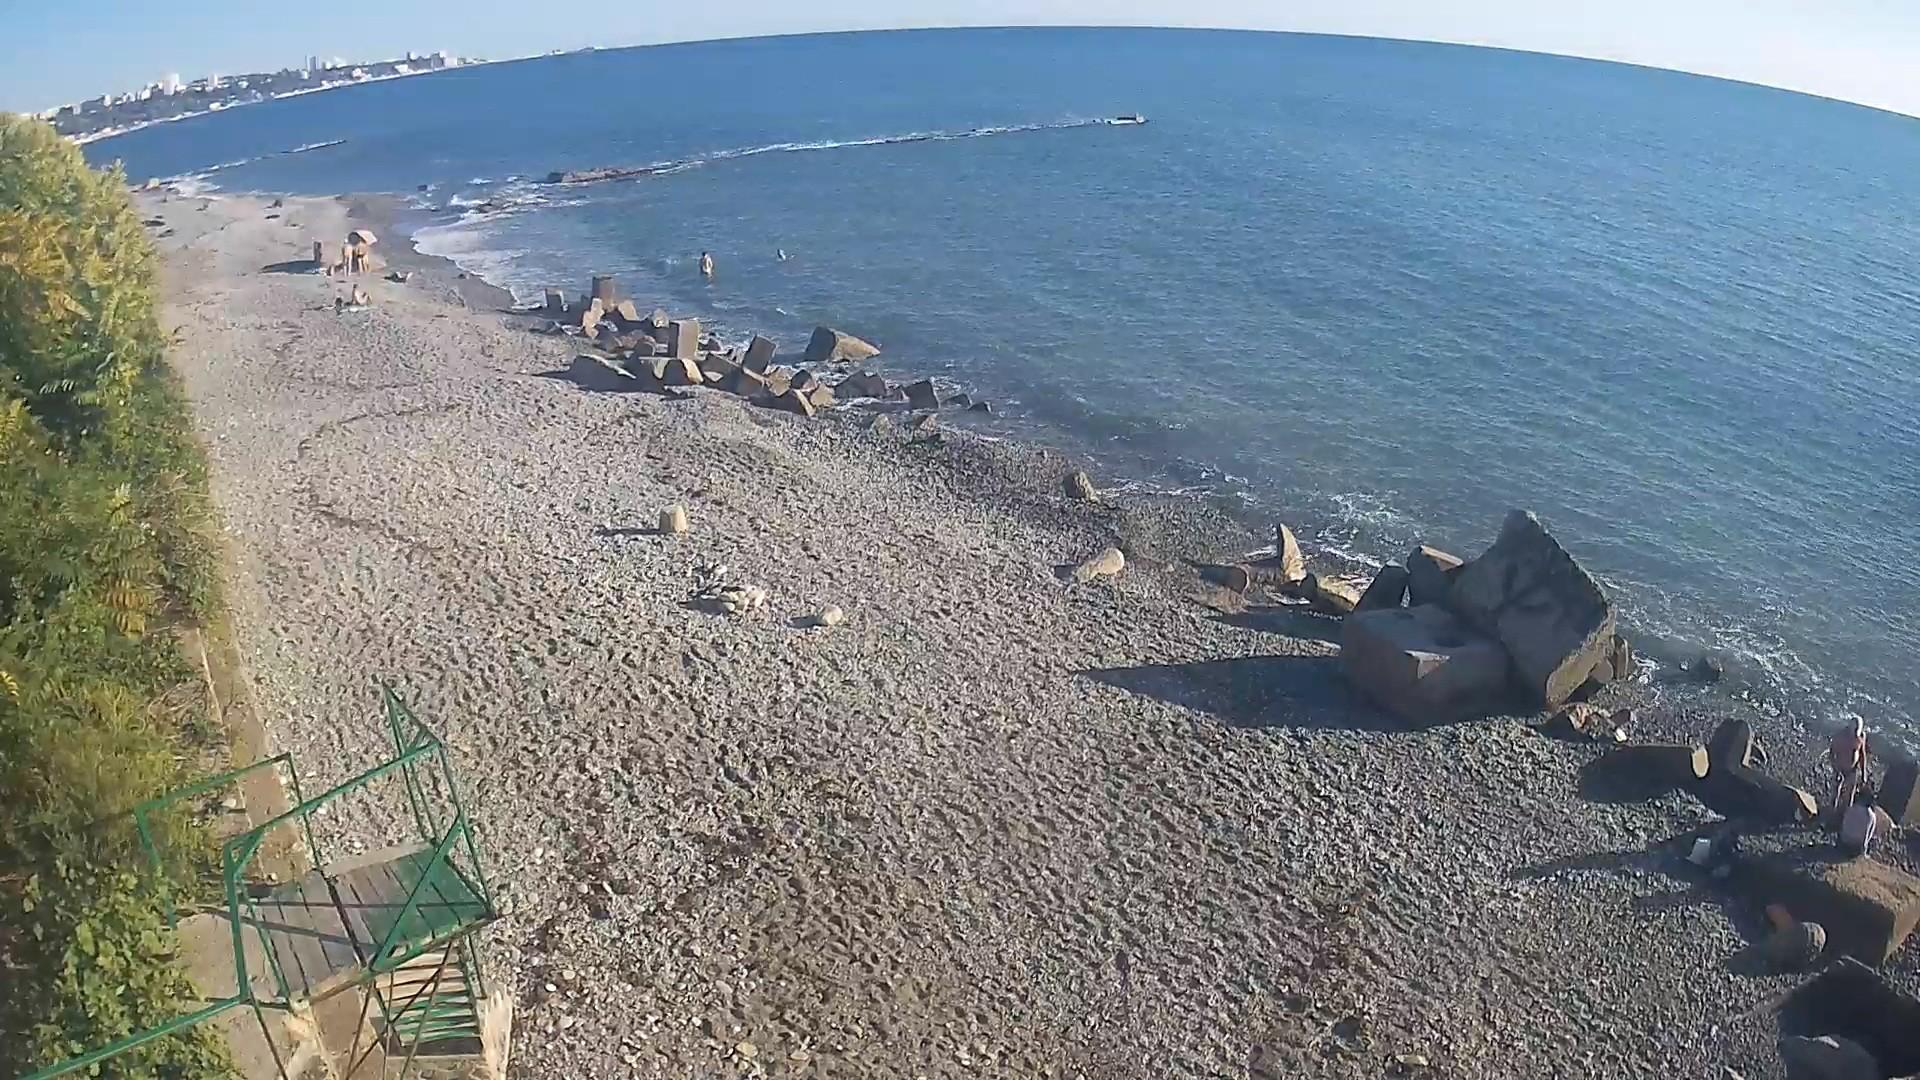 Вебкамера в Дагомысе на 73км, пляж в сторону Сочи